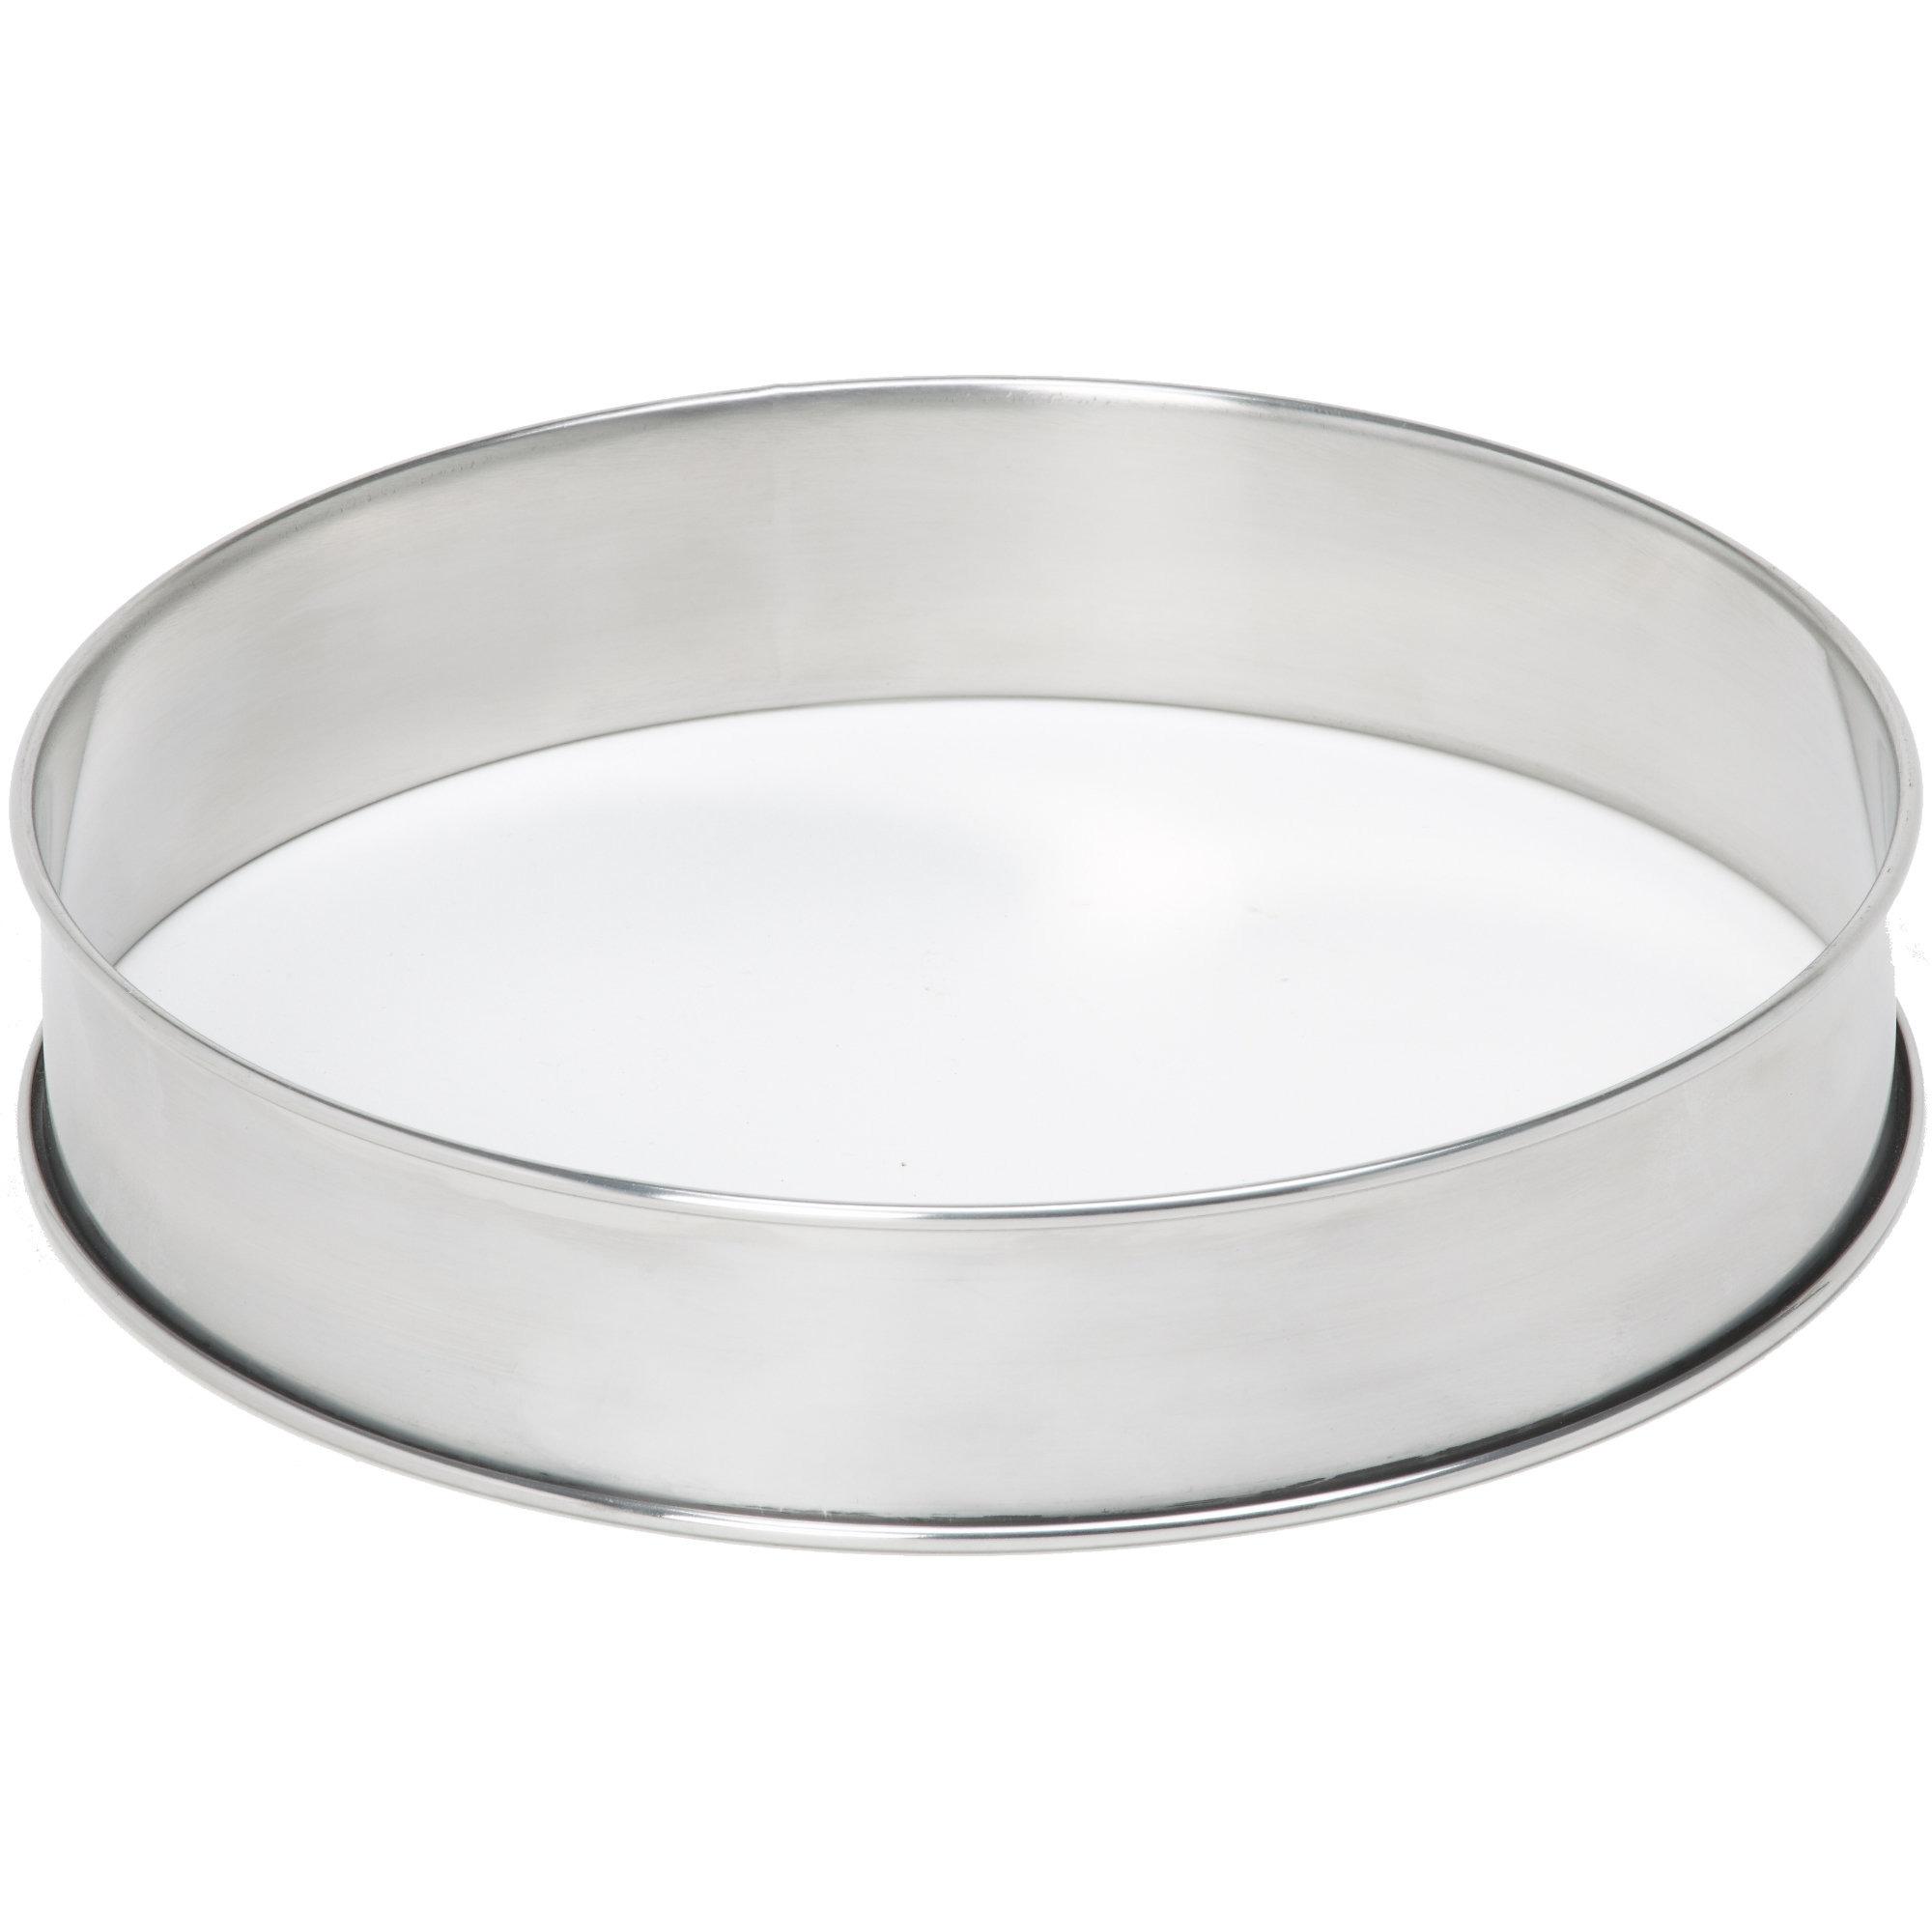 Muurikka Underlägg till stekhäll/paellapanna